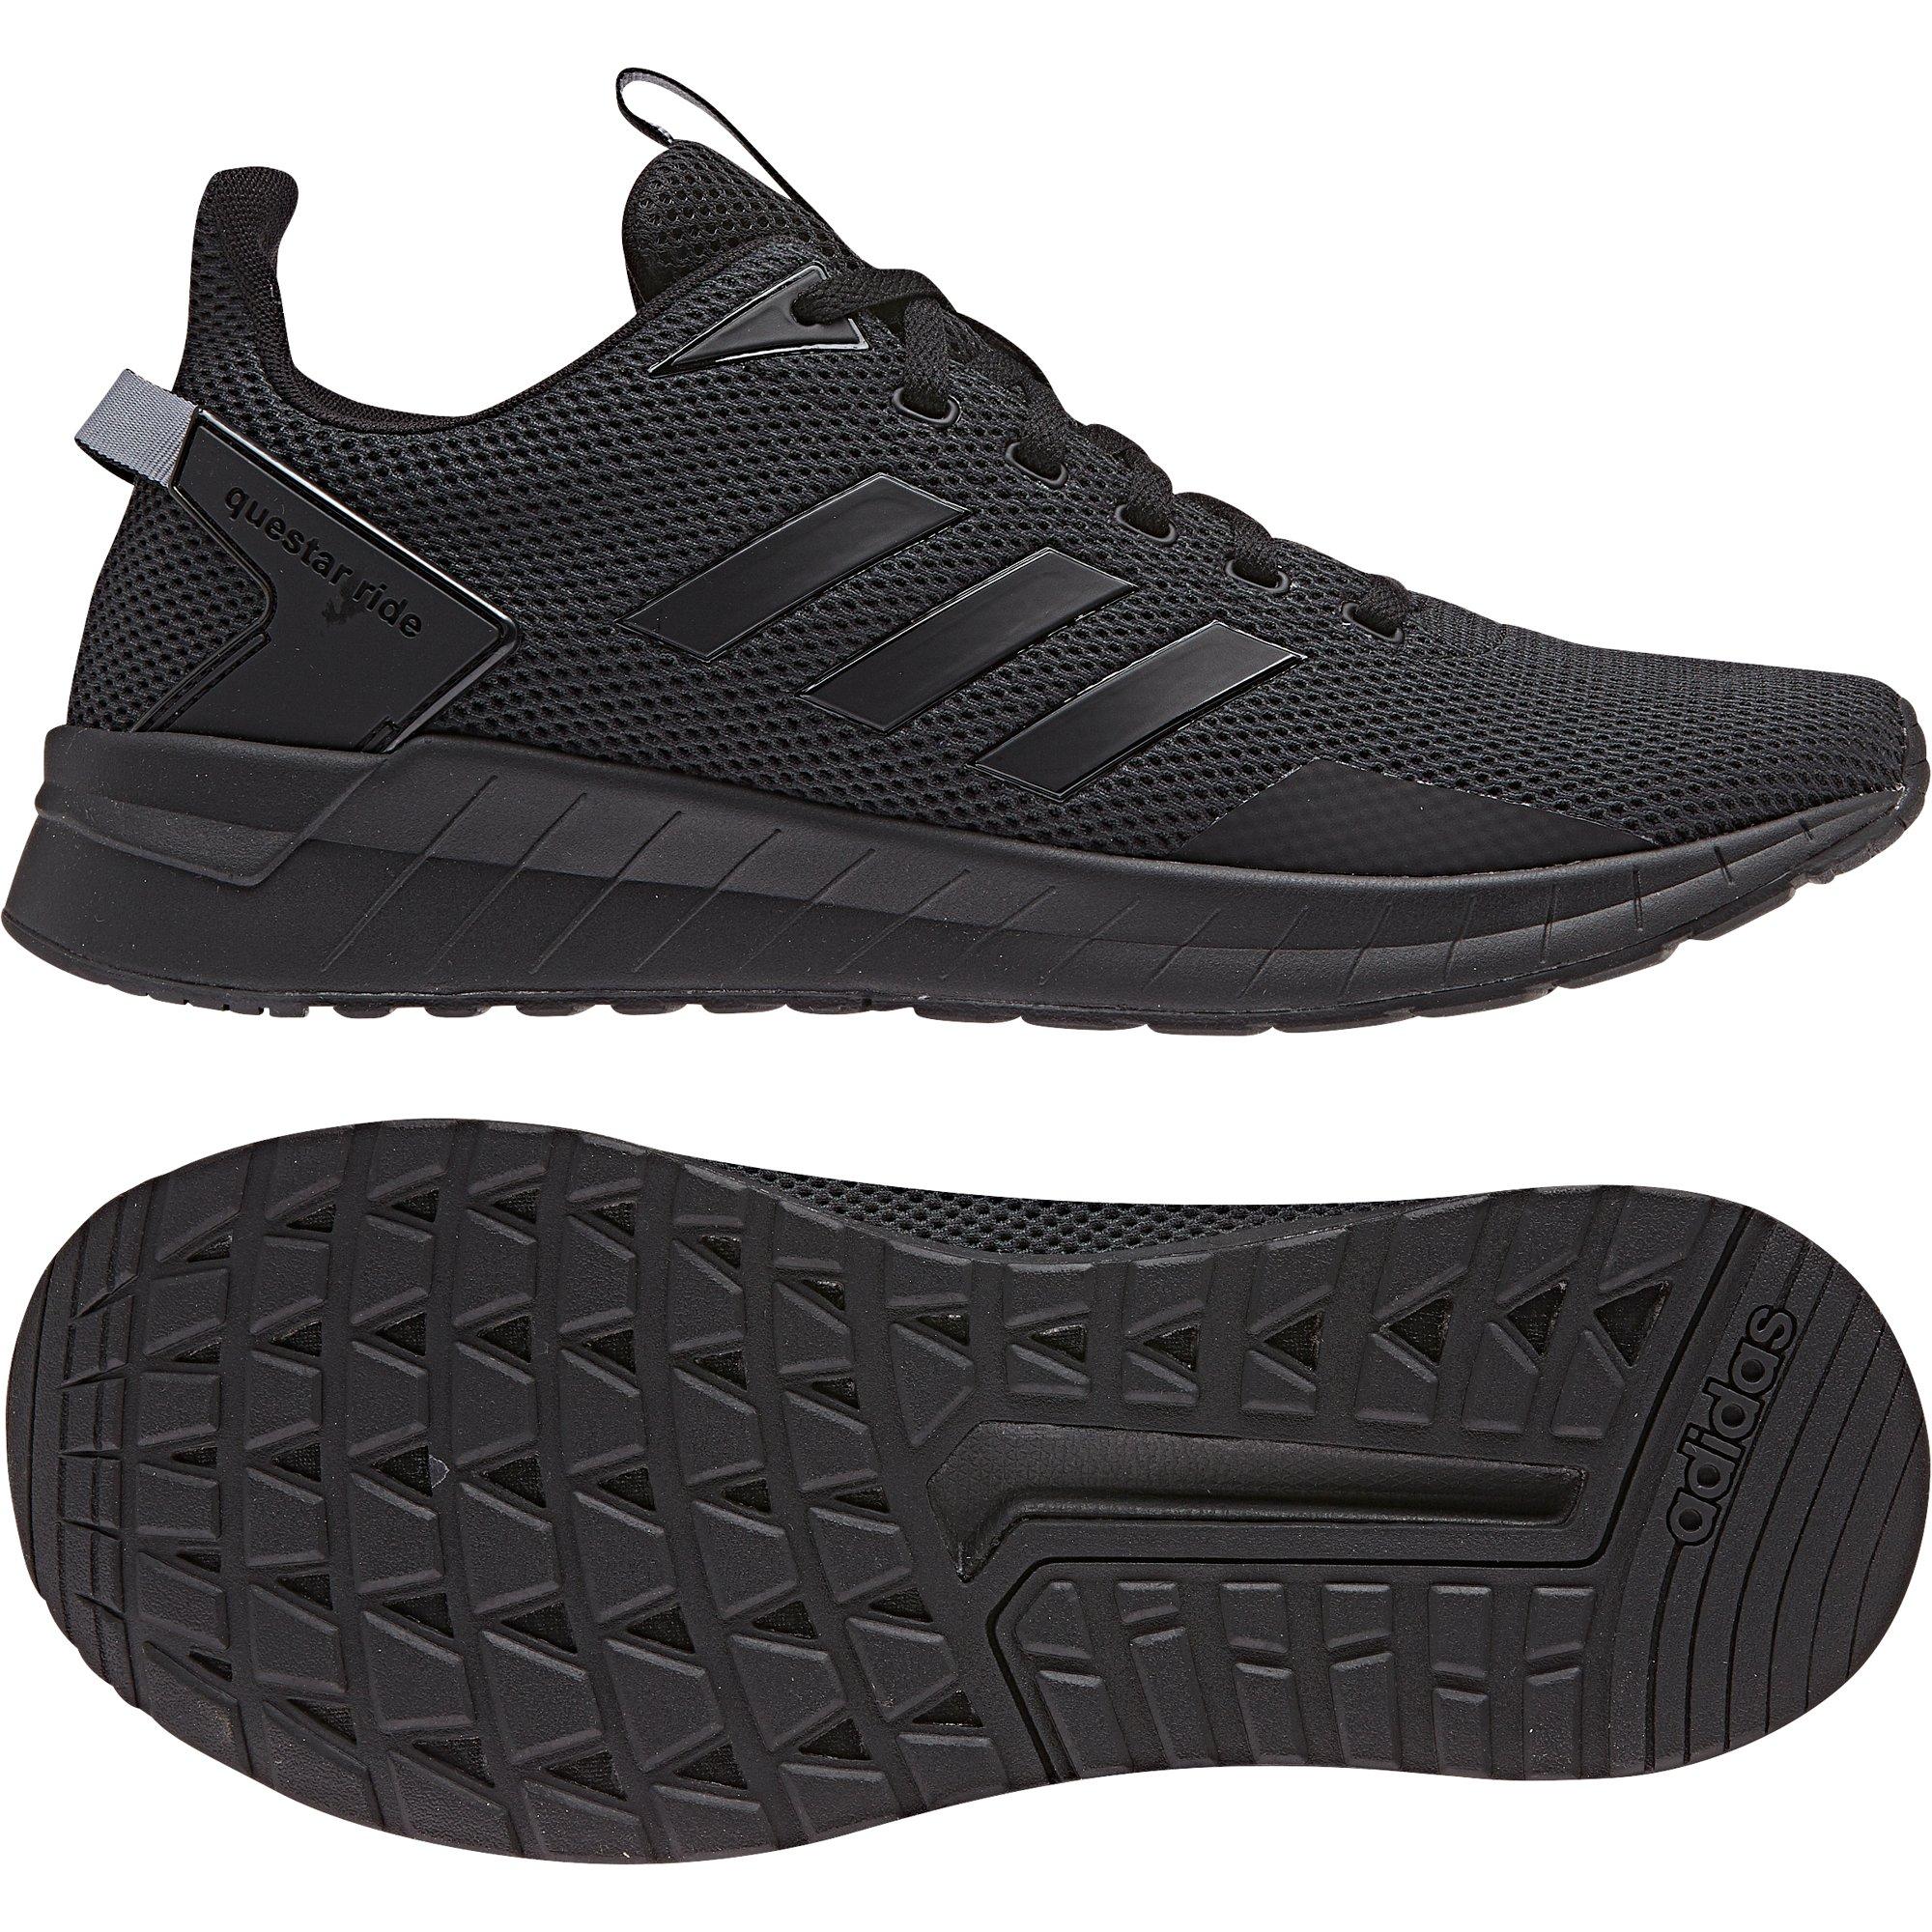 zawsze popularny nowe tanie na sprzedaż online buty męskie adidas Questar Ride r 45 1/3 B44806 - 7359561931 ...